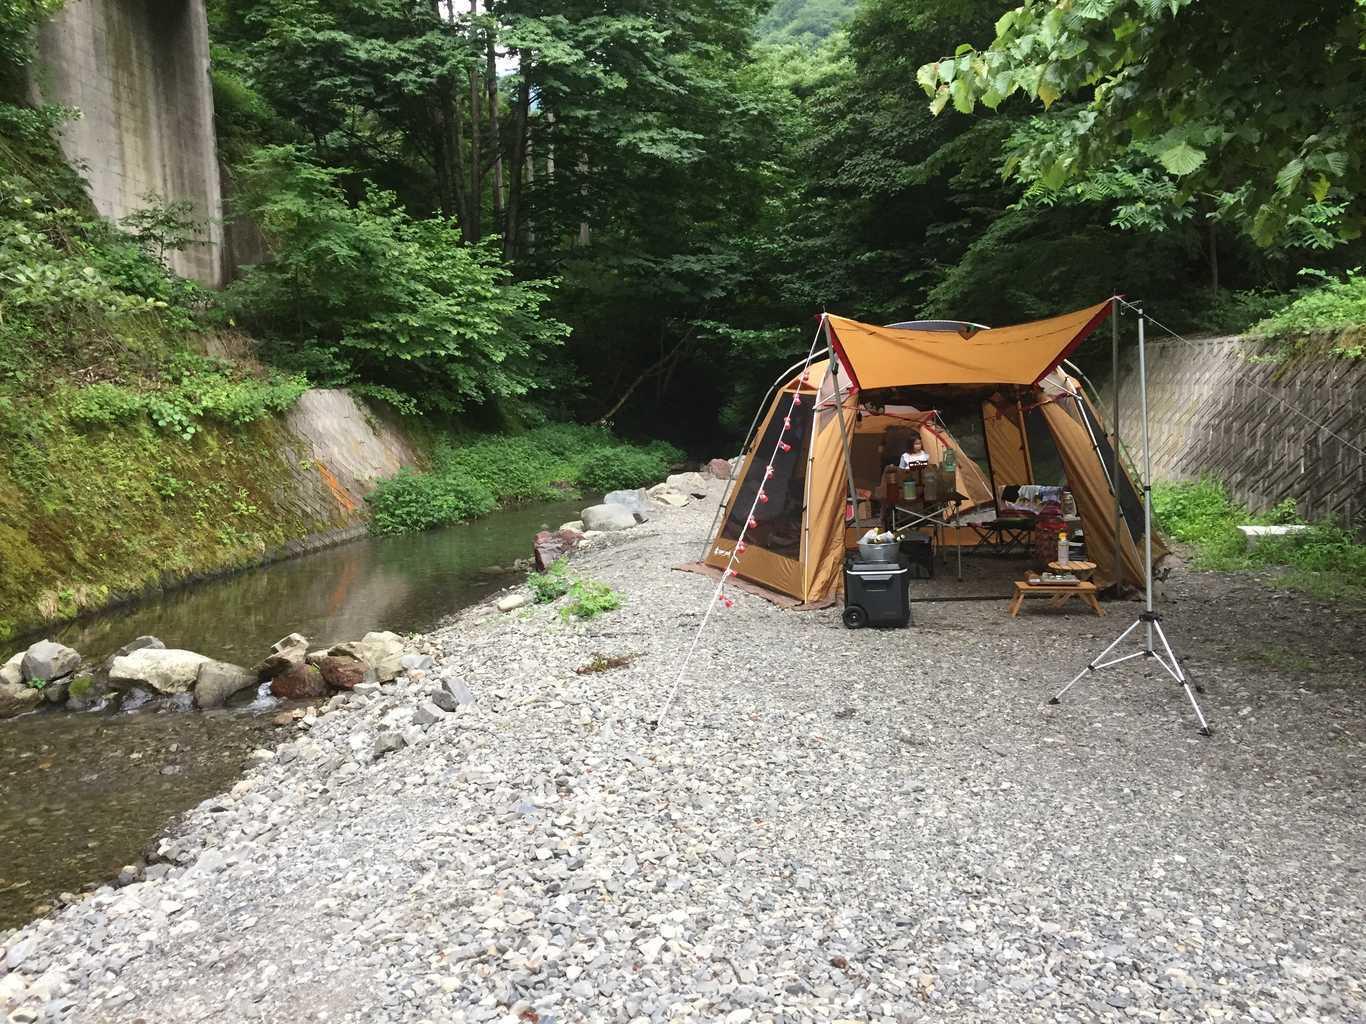 原始村そば処キャンプ場~日本最古のゲストハウス~ の写真p